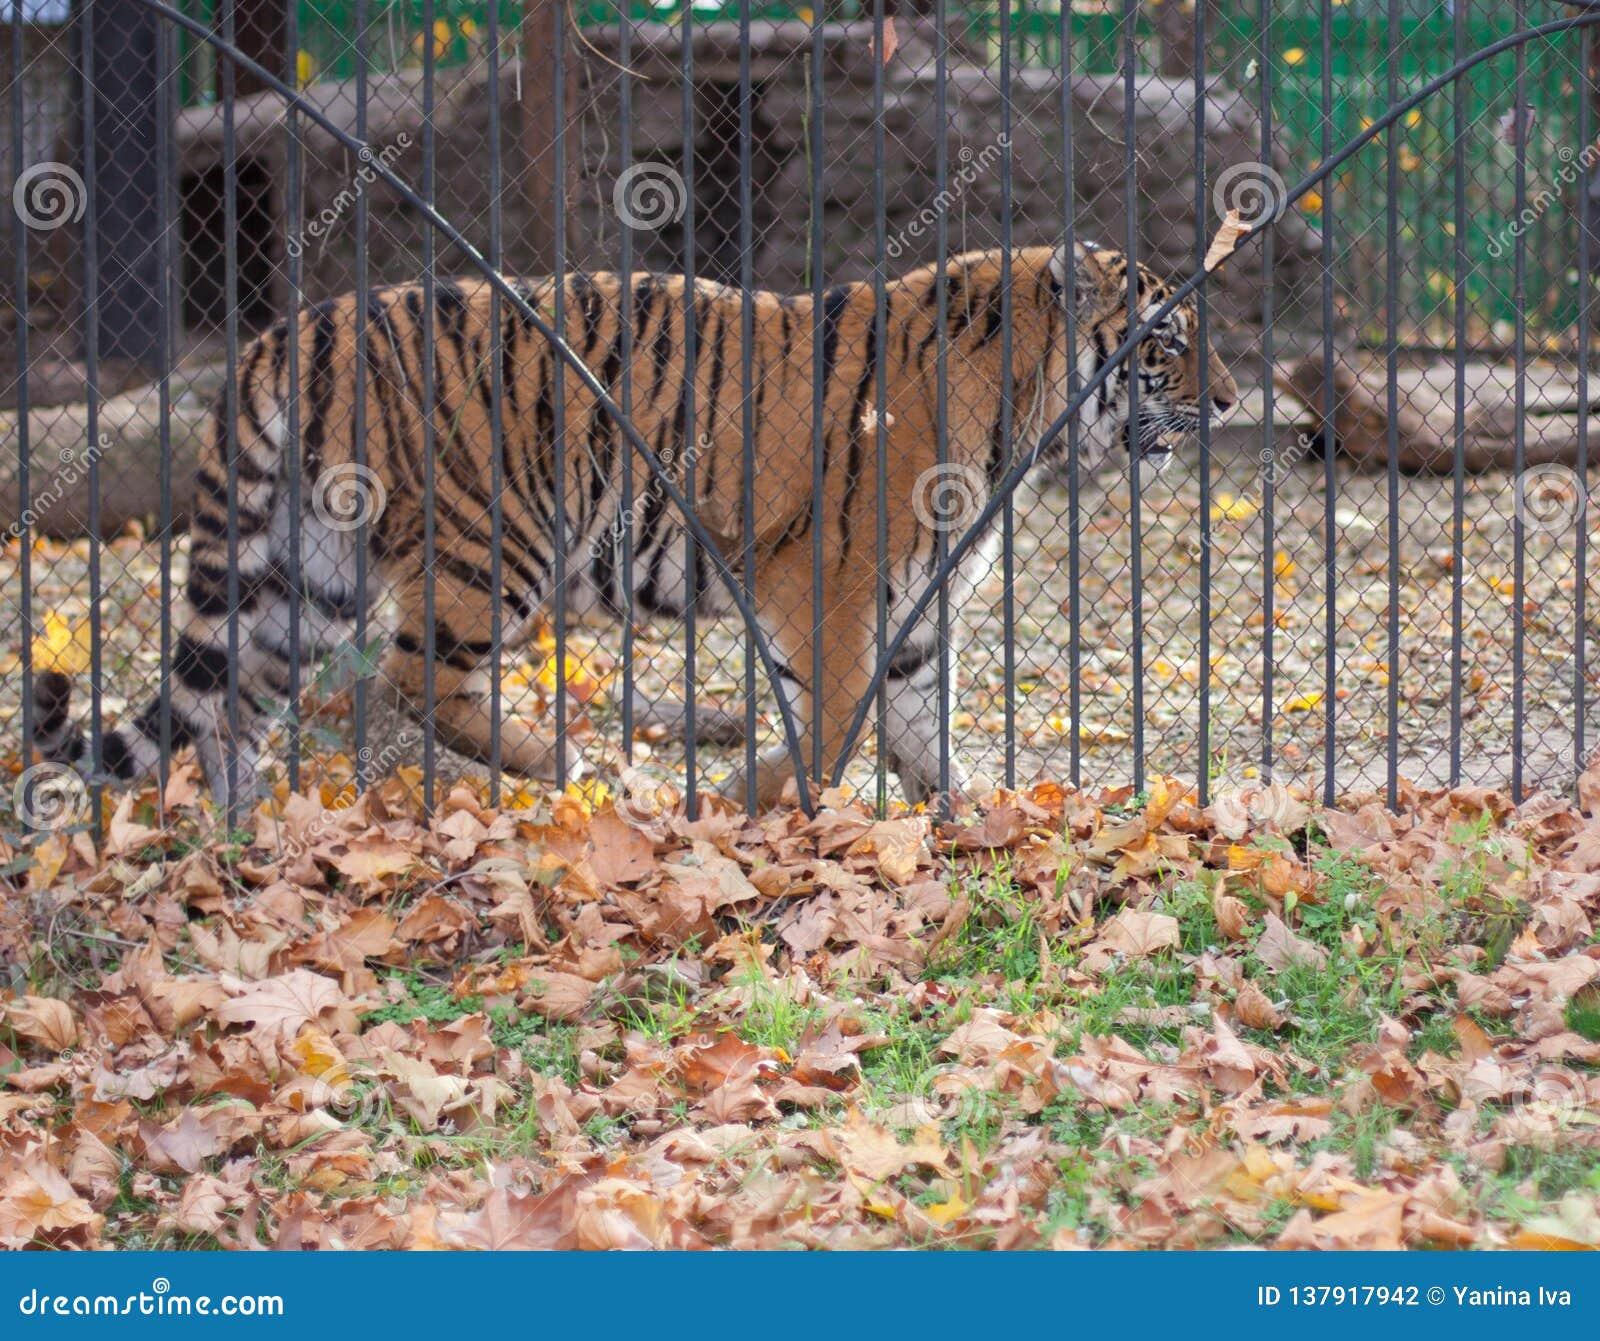 Dorosły tygrys w klatce